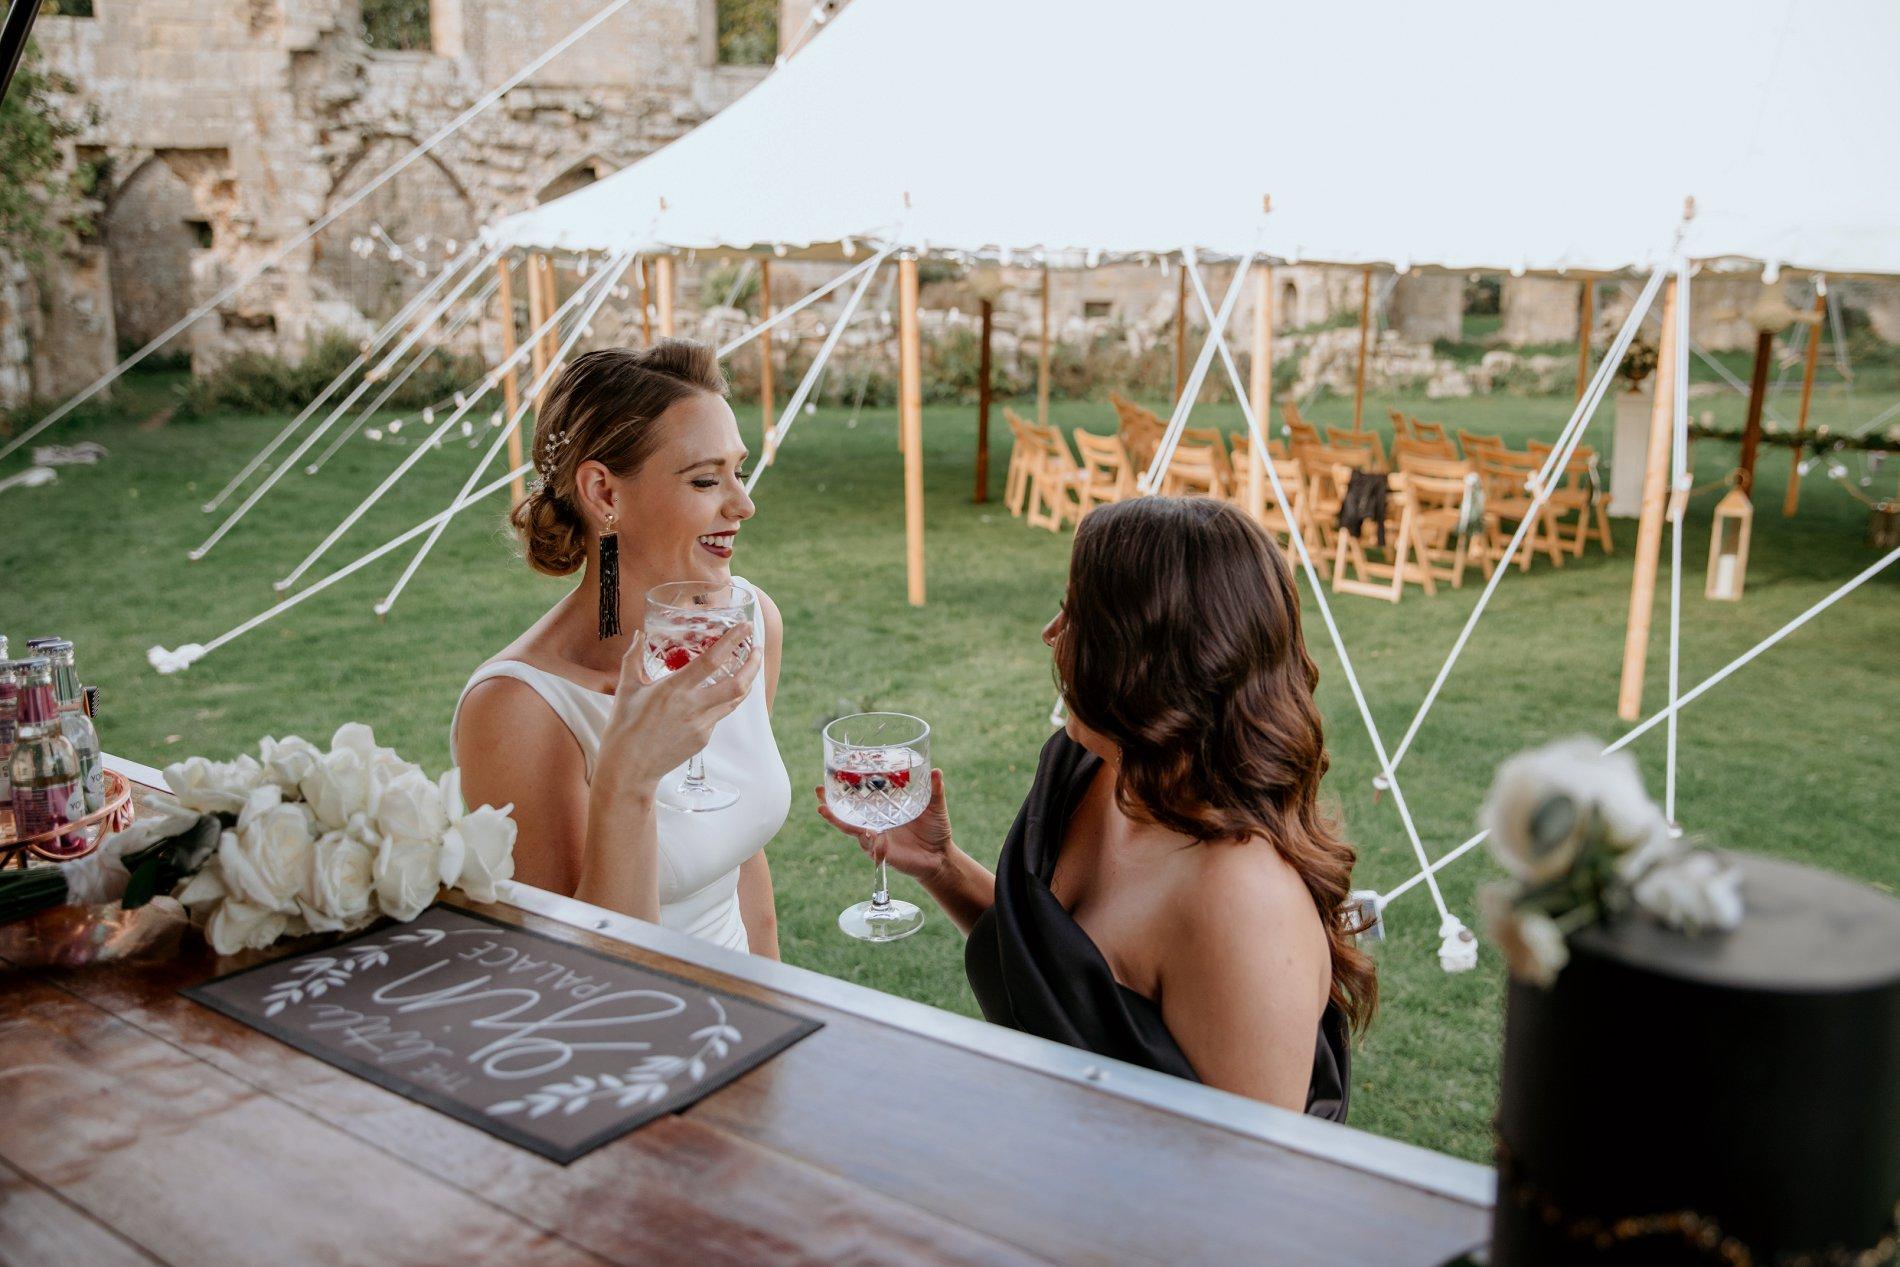 An Elegant Wedding Shoot at Jervaulx Abbey (c) Natalie Hamilton Photography (41)